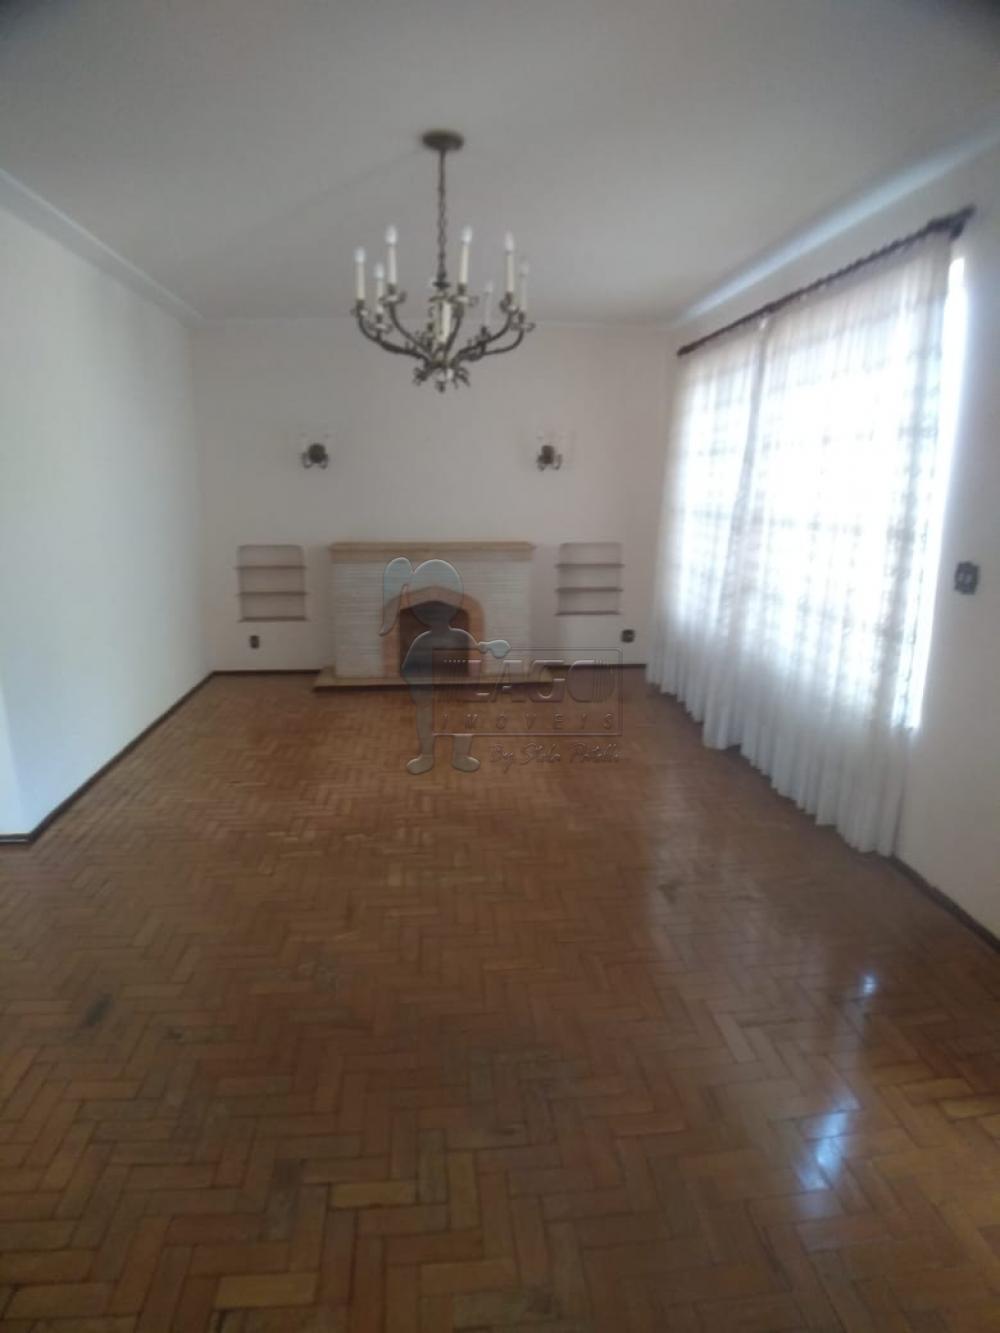 Alugar Casas / Padrão em Ribeirão Preto apenas R$ 3.500,00 - Foto 4